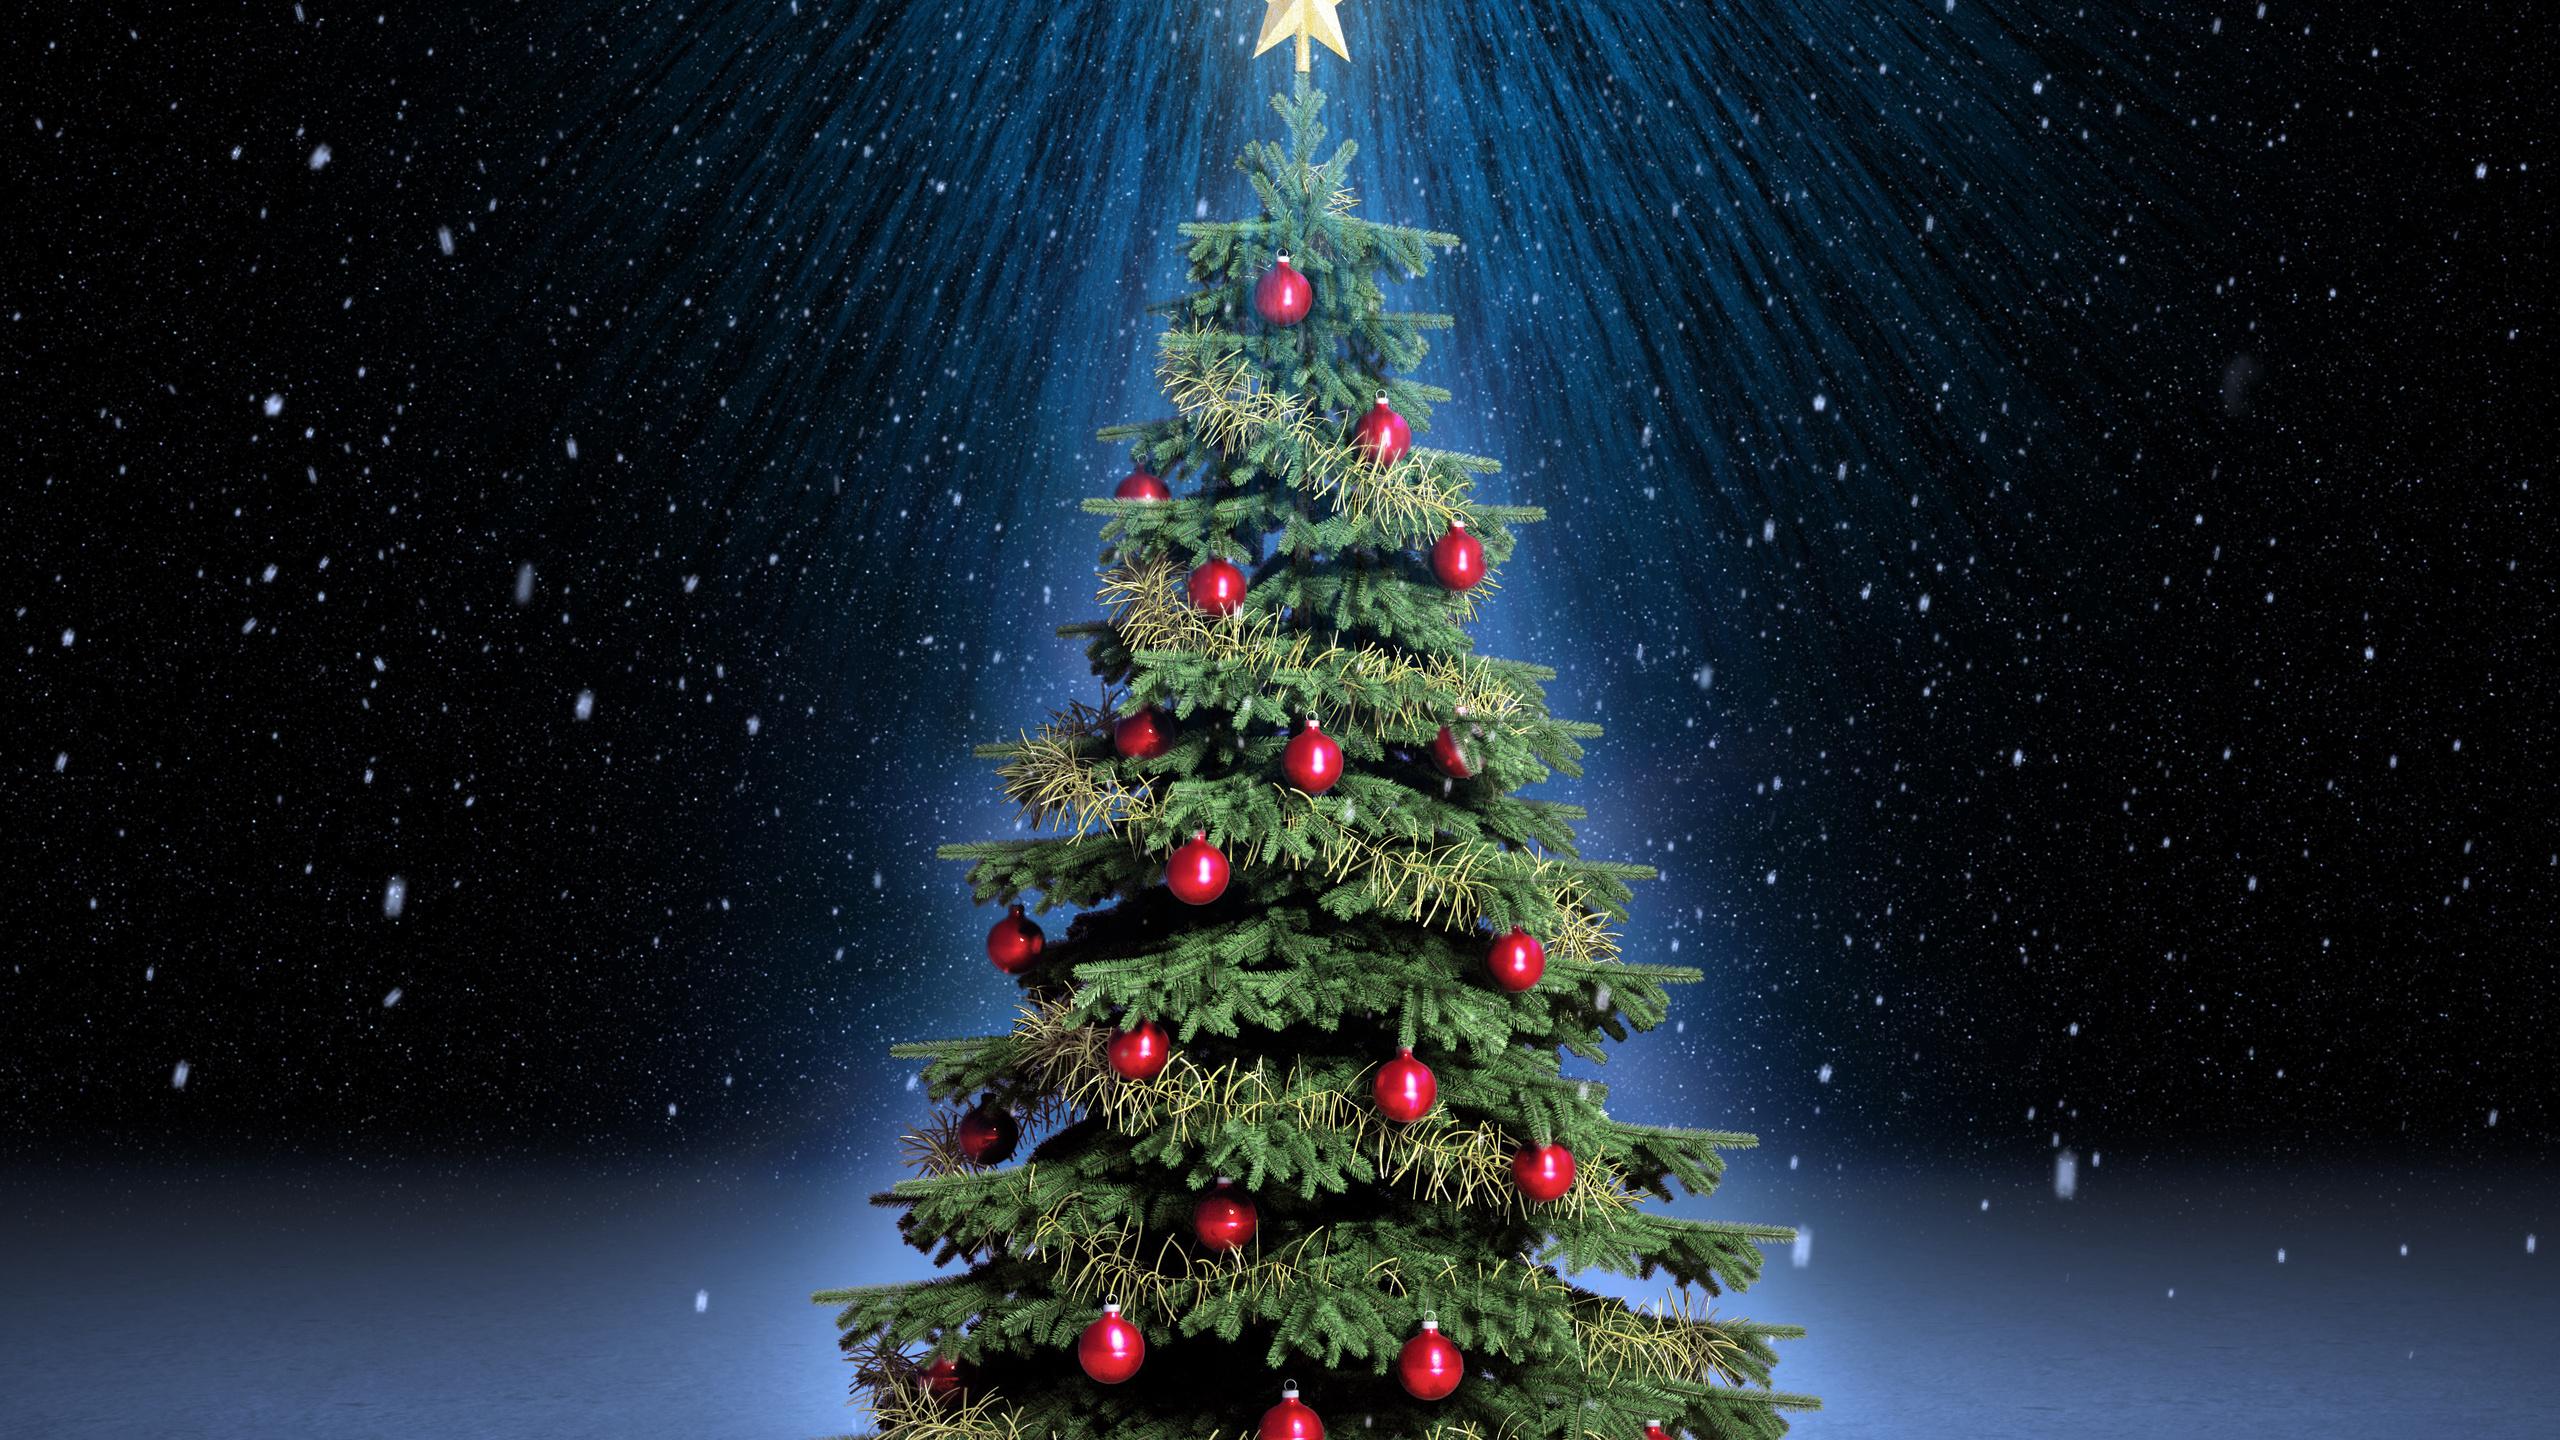 Картинки елки новогодней